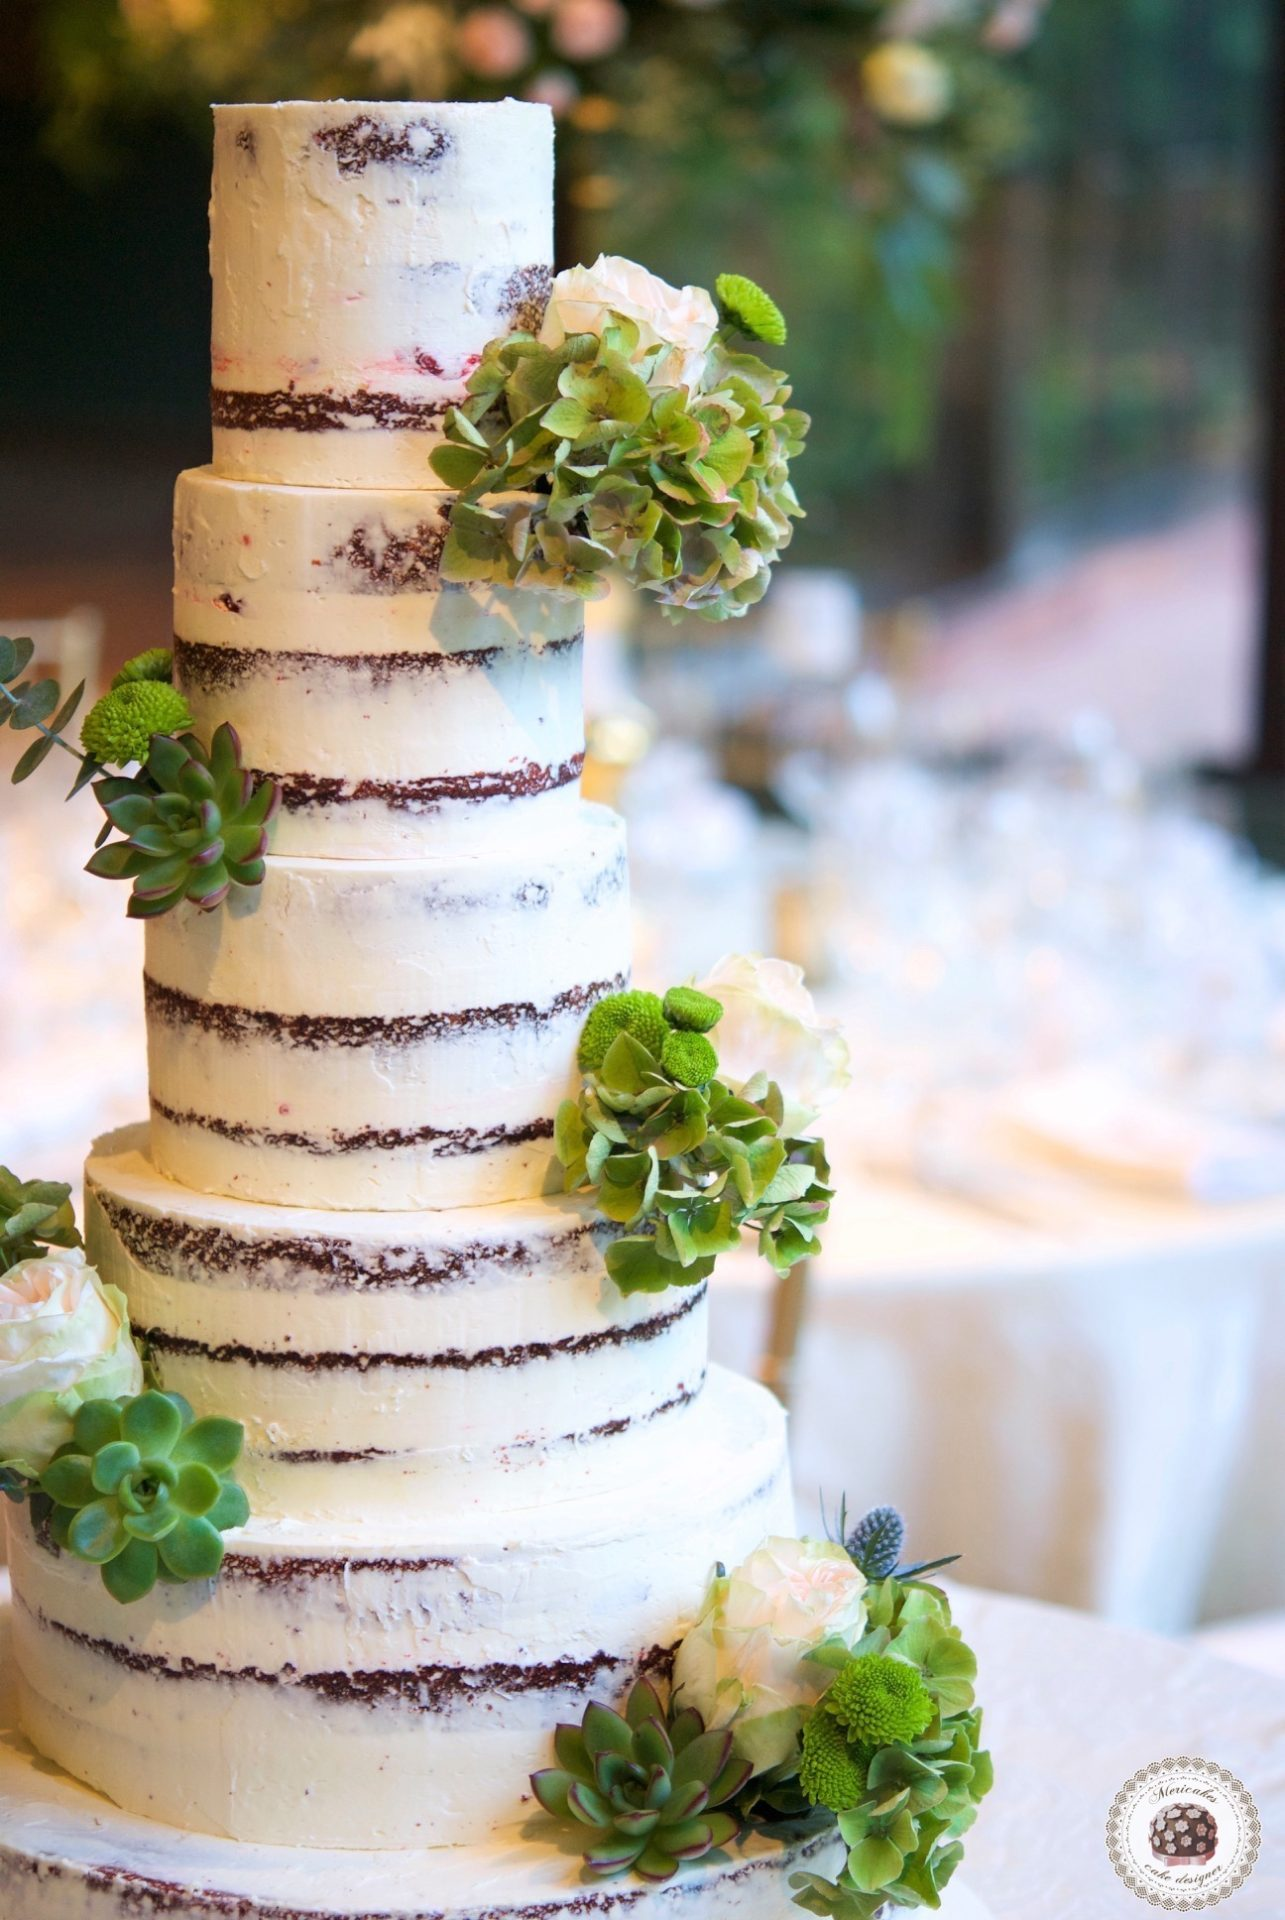 mericakes-tarta-de-boda-naked-cake-wedding-cake-suculenta-cake-fresh-flowers-crasa-cake-bell-reco-red-velvet-pastel-barcelona-wedding-spain-wedding-4